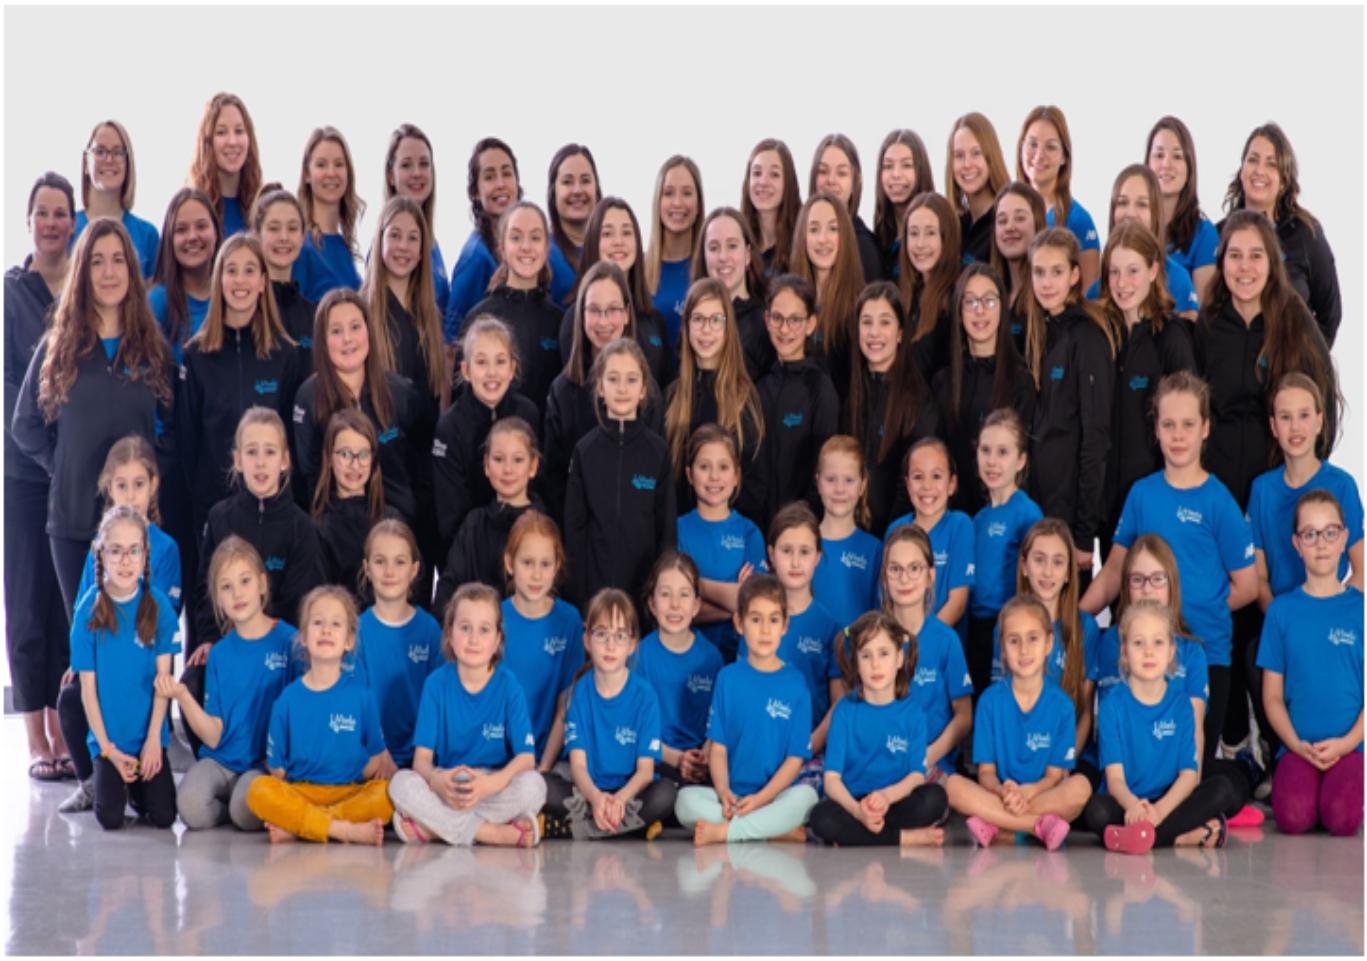 Des nageuses artistiques du club Vivelo participeront à une compétition virtuelle.